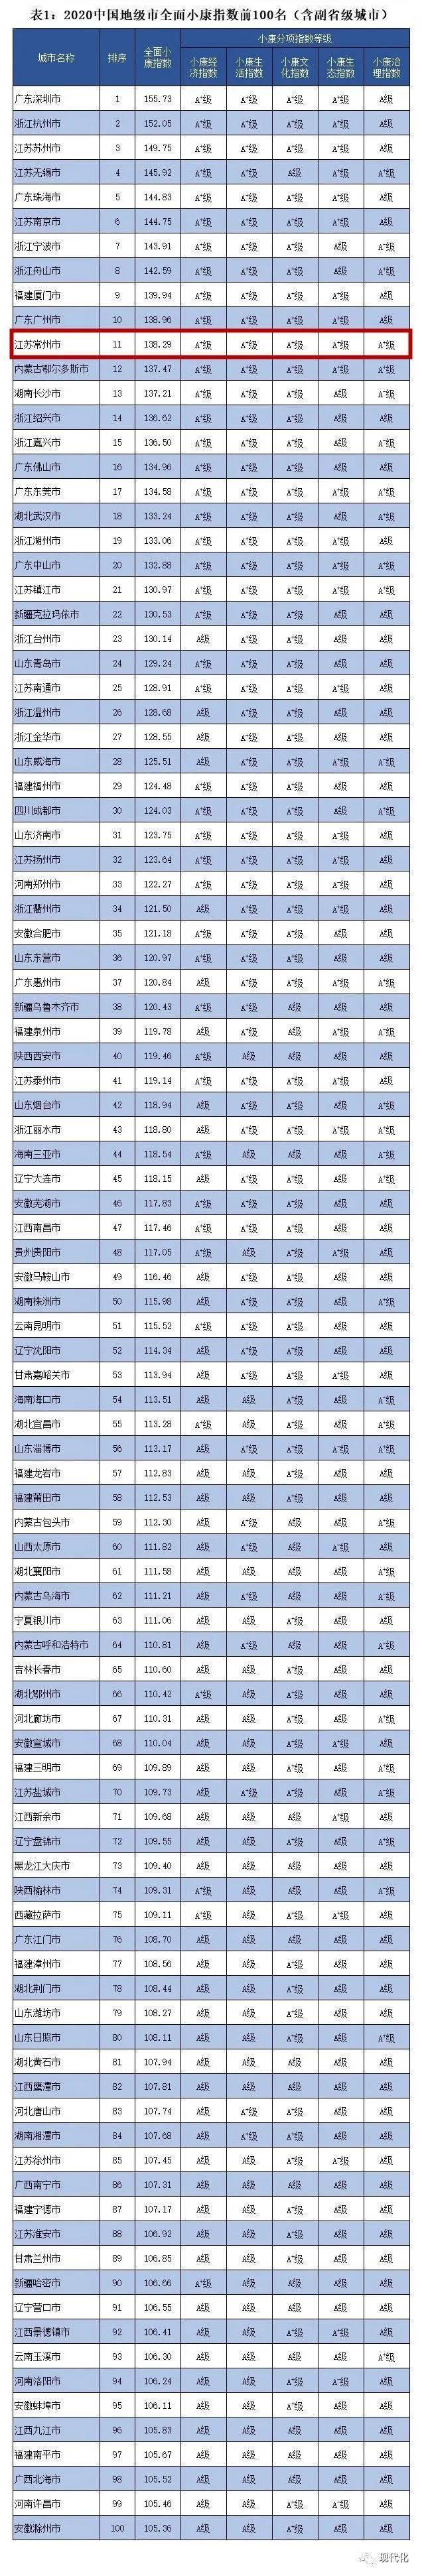 2020年江苏各地级市_规划学术月|2020年江苏省城市规划研究会城市更新专业委员会成立大...